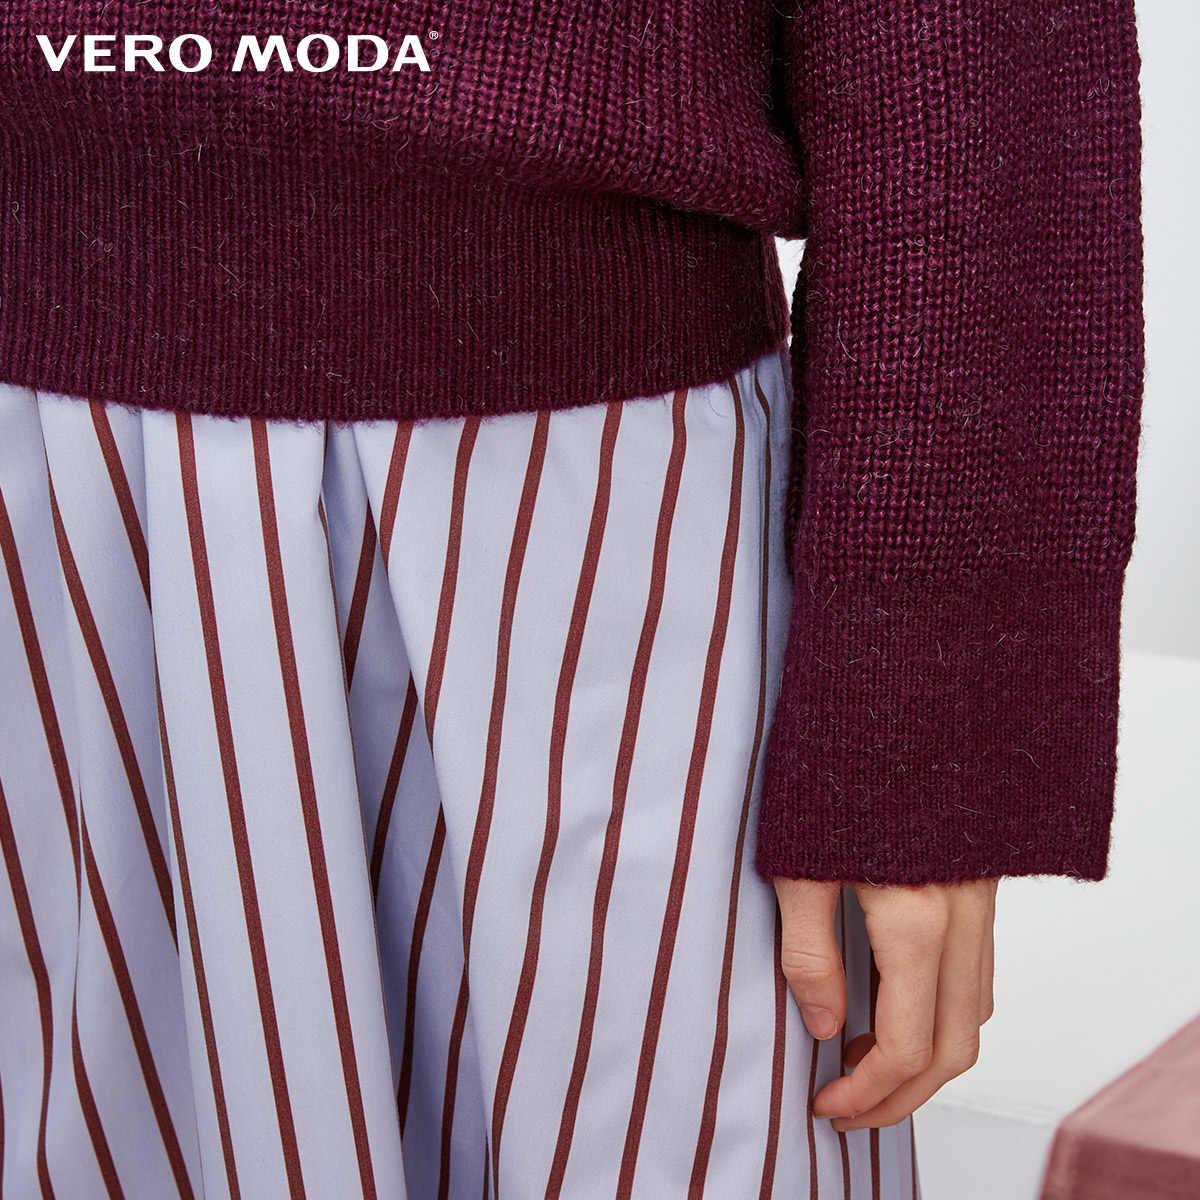 Vero Moda 2019 новая шерсть альпаки v-образным вырезом Падение плеча свитер | 318413549